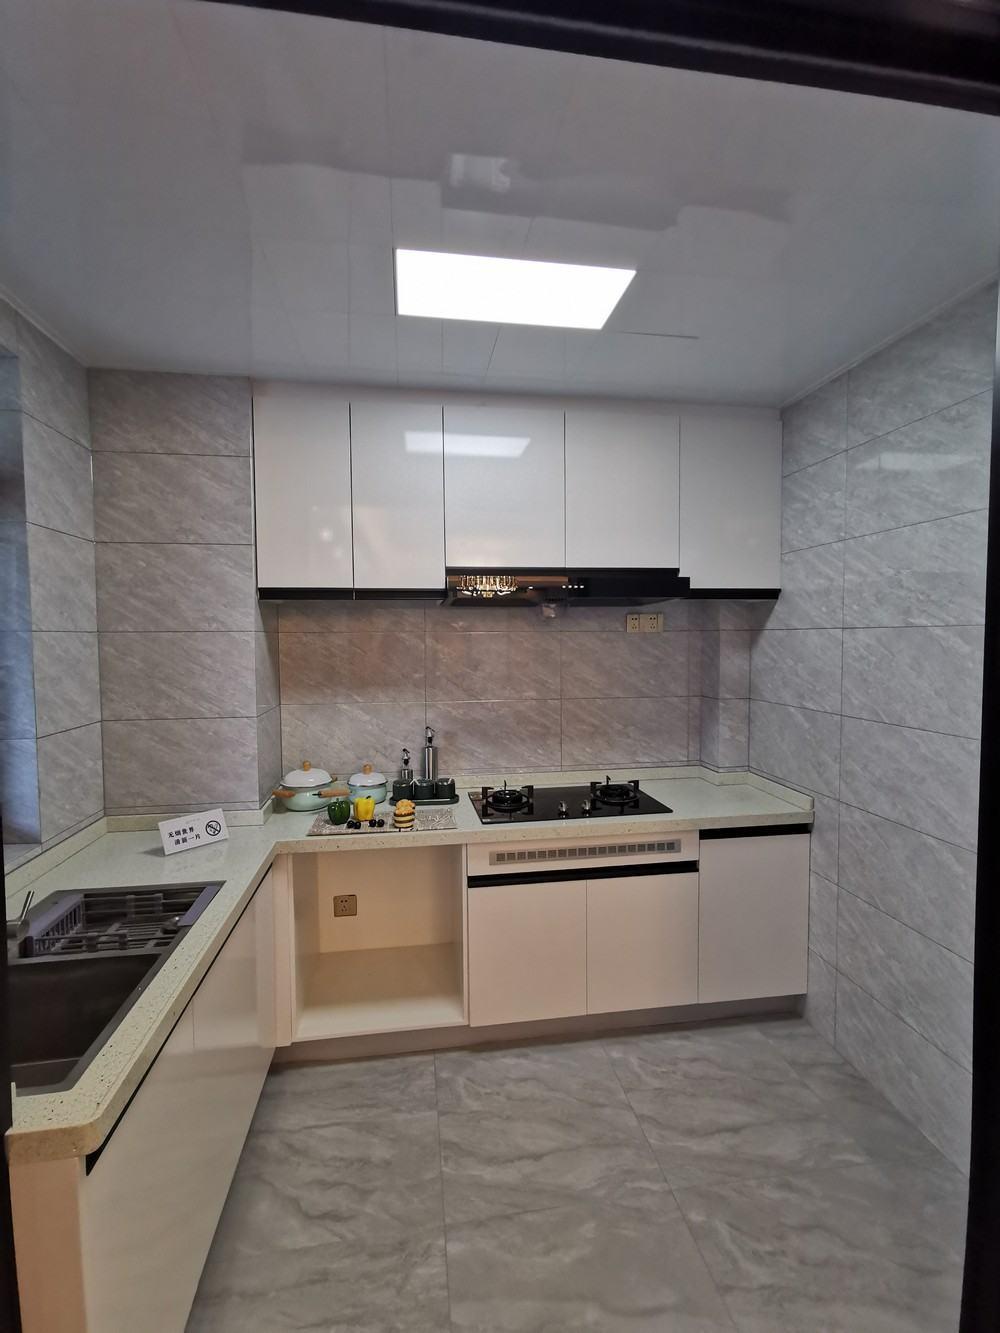 聚源上府109平米户型厨房